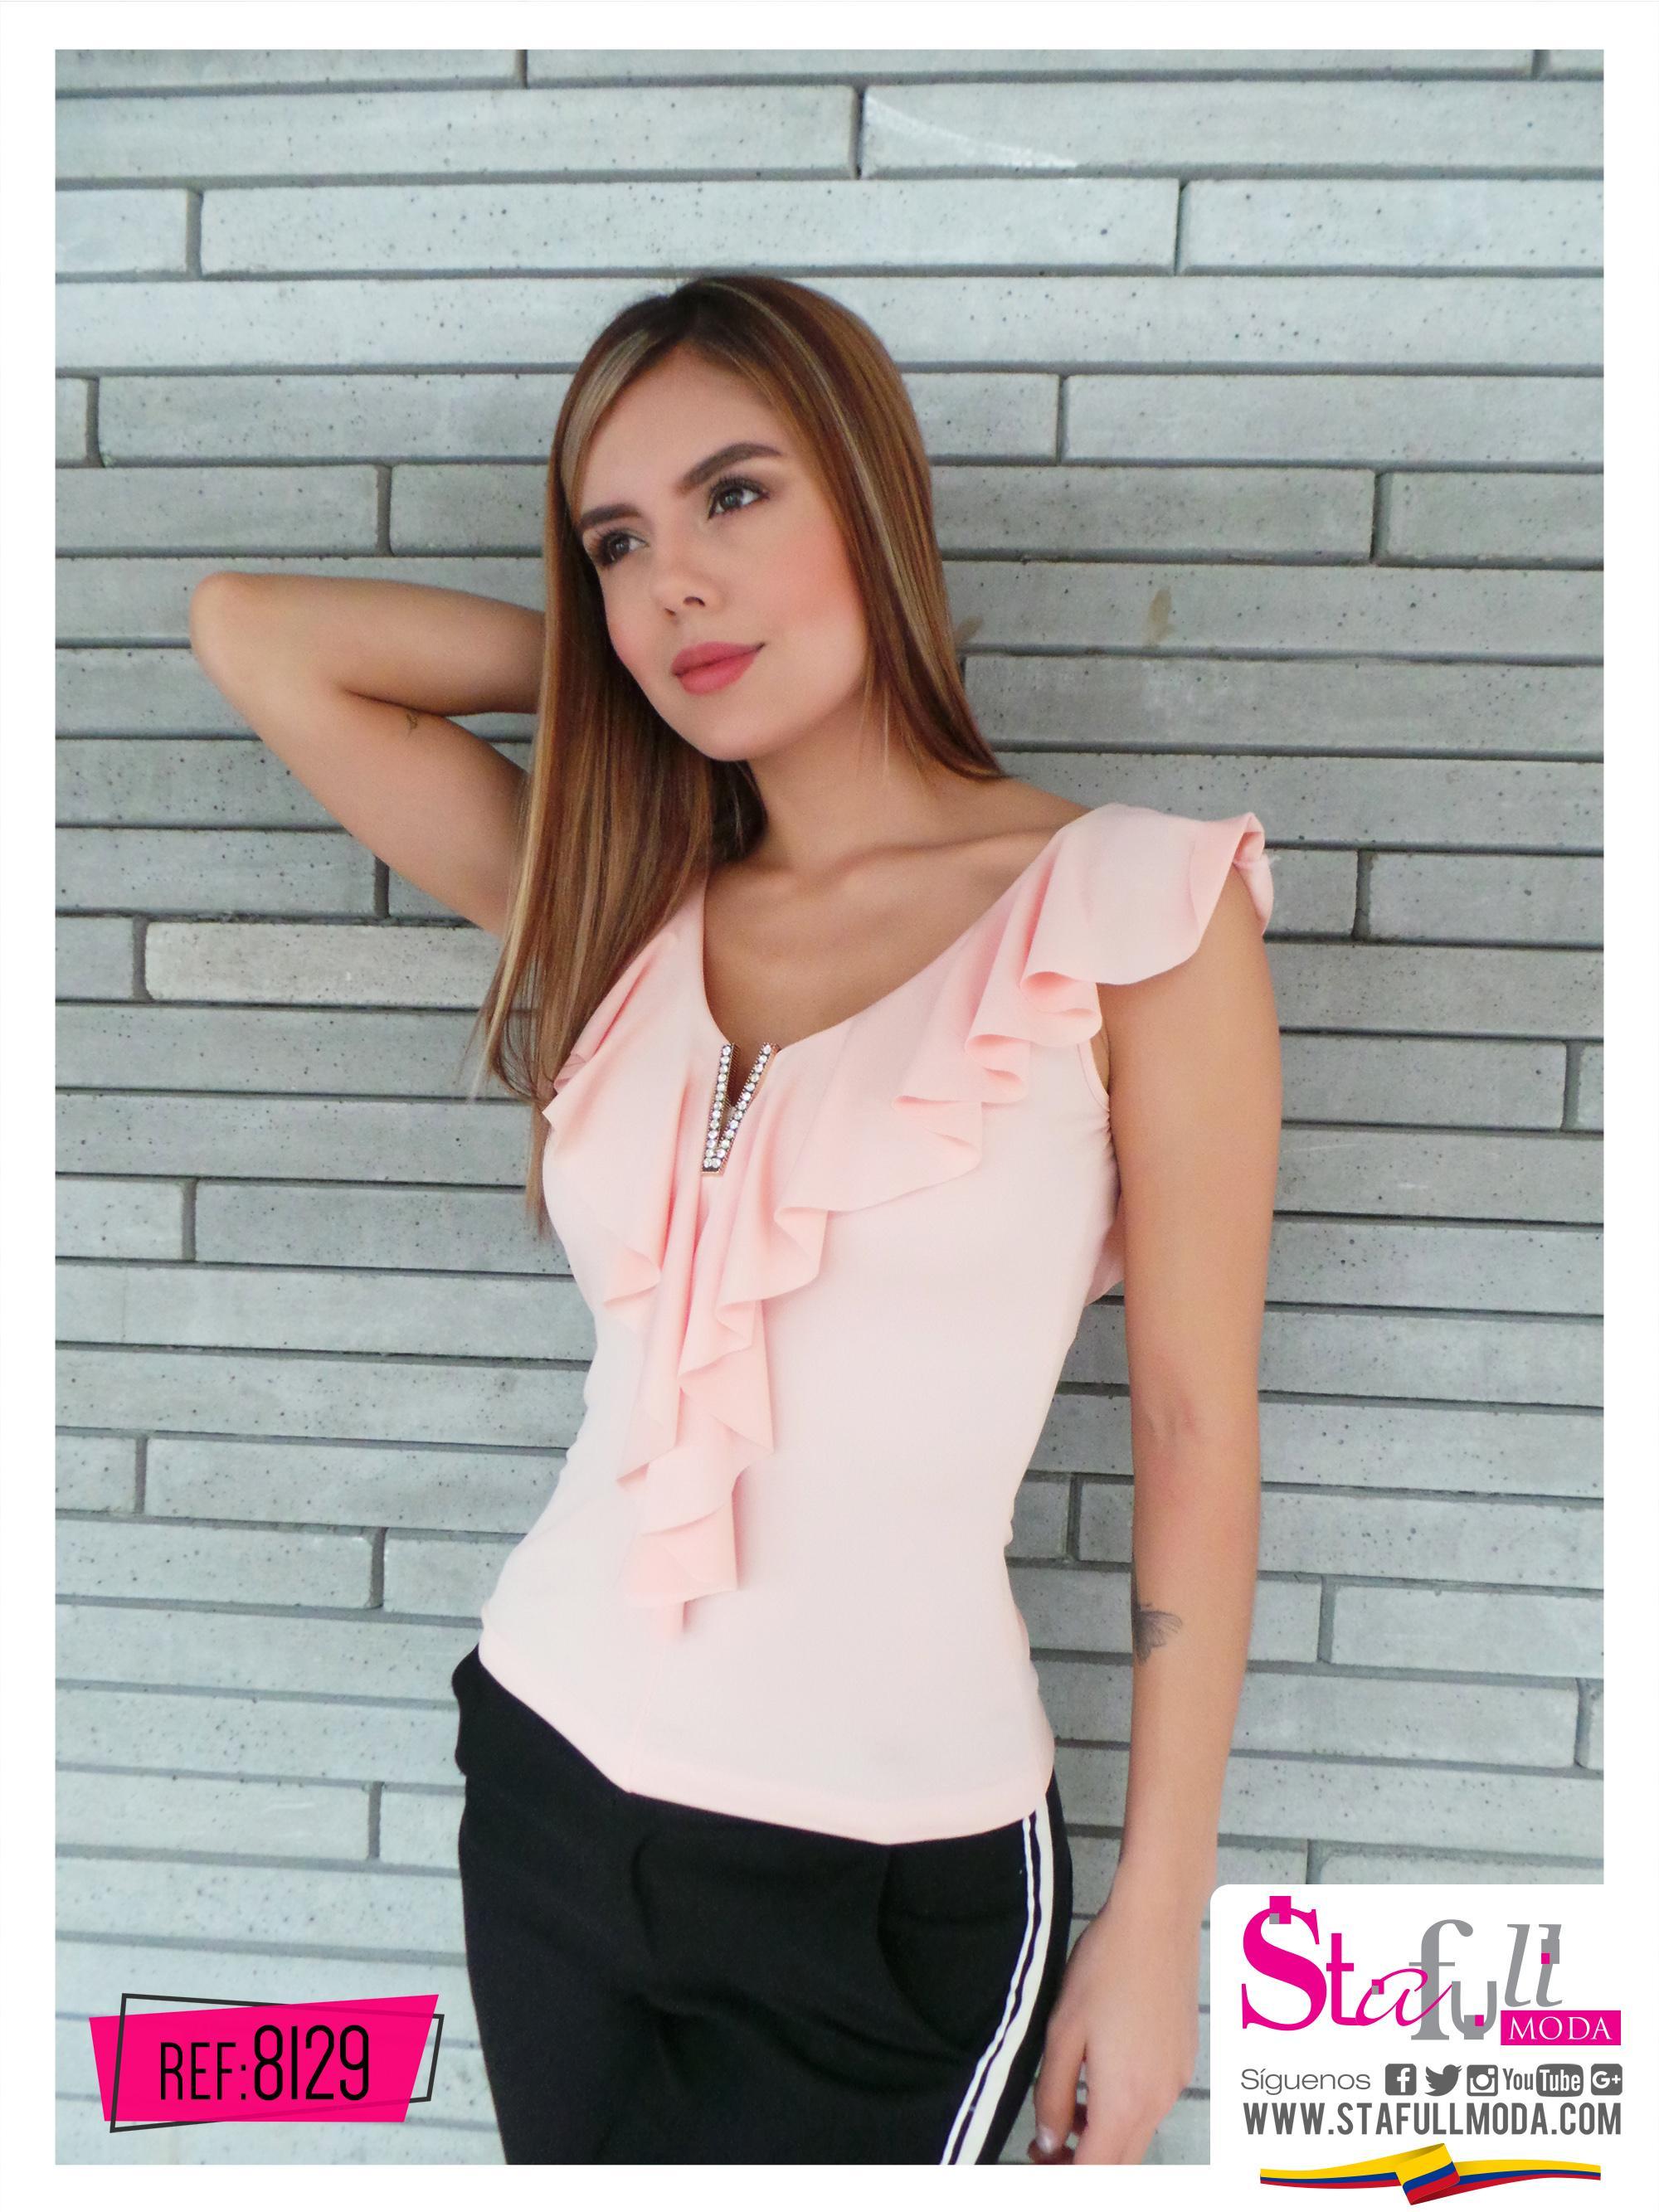 Elegante Blusa Colombiana con estilo